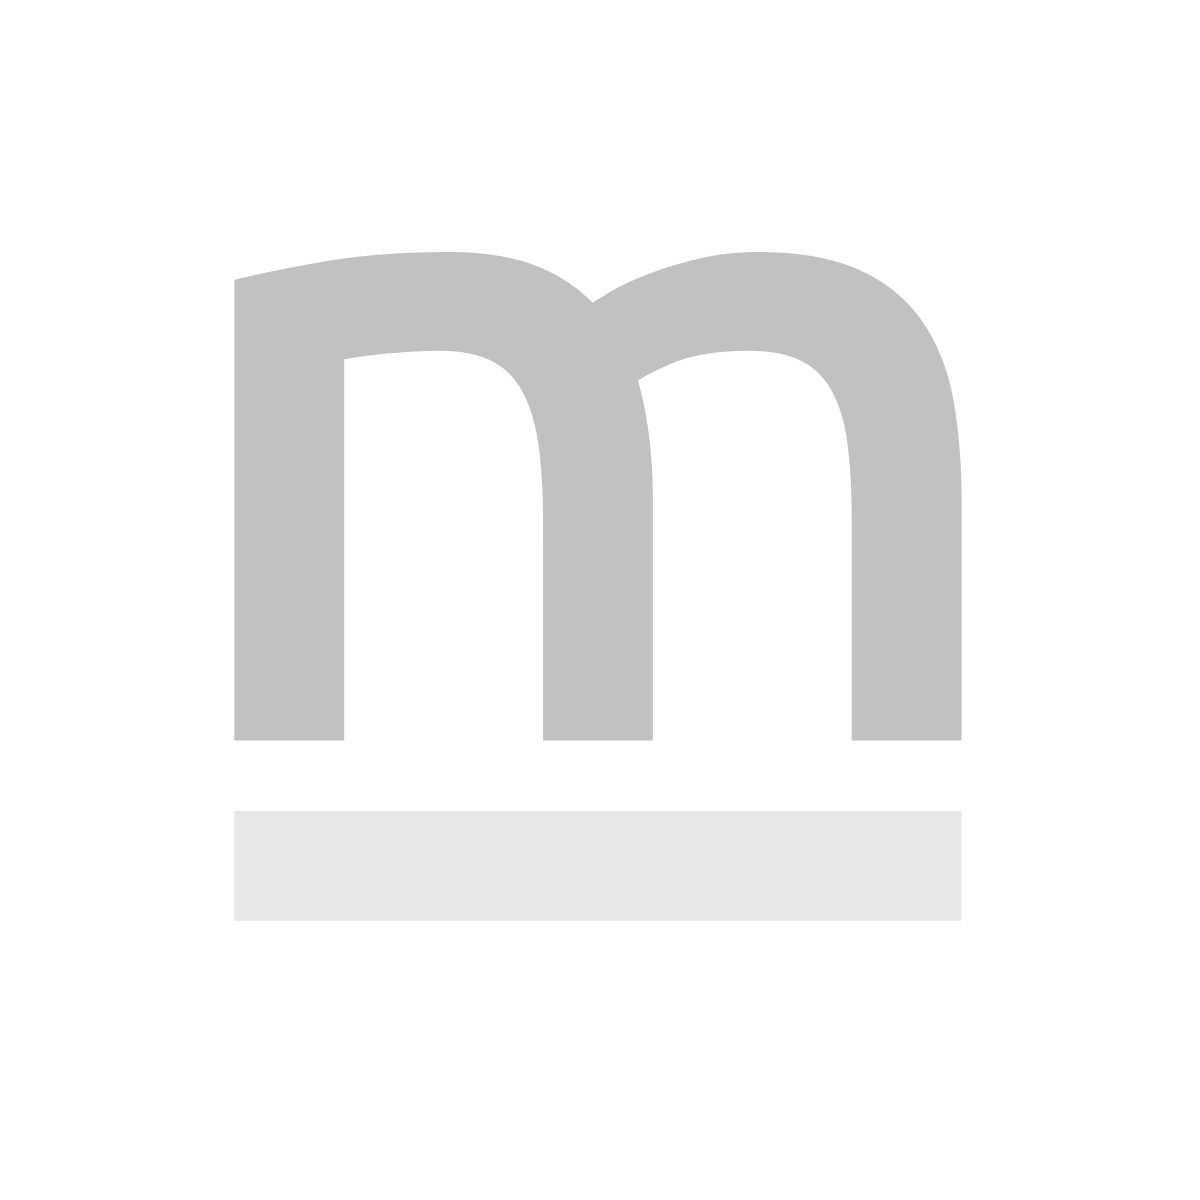 Dywan dziecięcy TOPOS AZUL/BLUE 120x160 niebieski